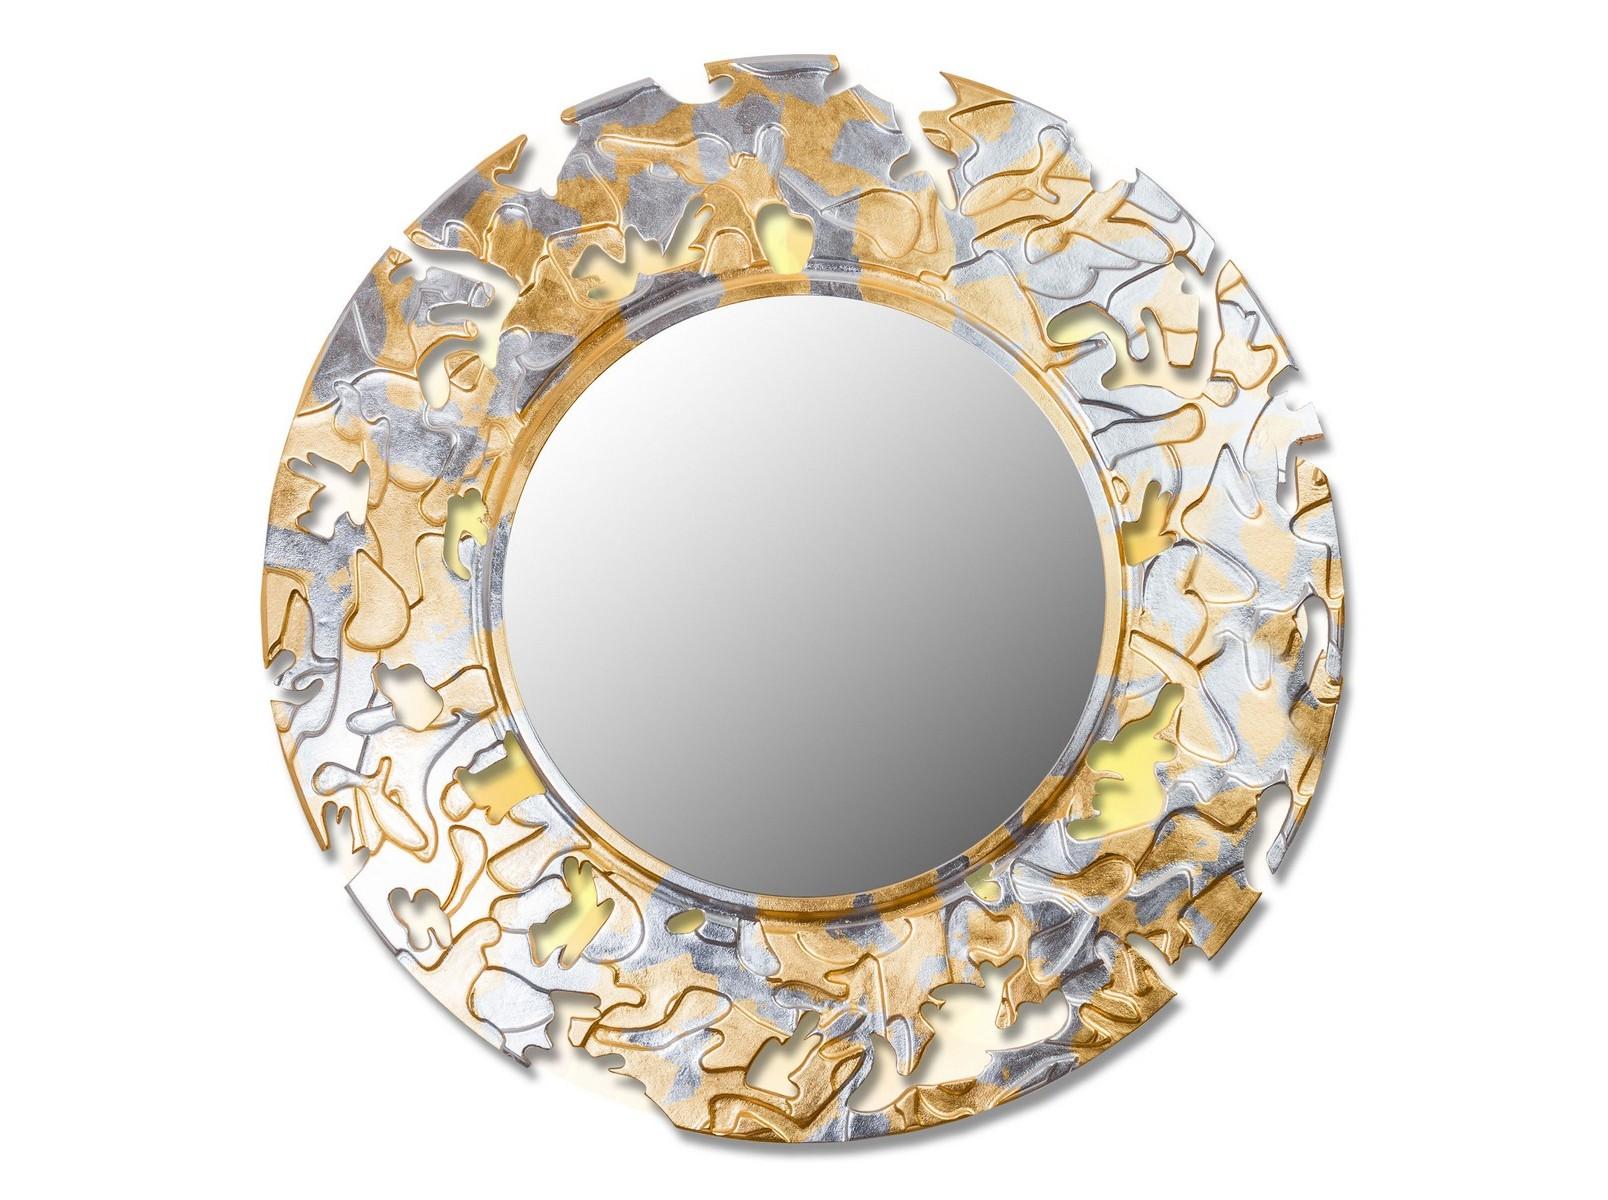 Зеркало CAMOUFLAGEНастенные зеркала<br>Данный вариант представлен в круглой форме, цвет: золото и серебро.&amp;lt;div&amp;gt;&amp;lt;br&amp;gt;&amp;lt;/div&amp;gt;&amp;lt;div&amp;gt;&amp;lt;p class=&amp;quot;MsoNormal&amp;quot;&amp;gt;Товарное предложение оснащено светодиодной подсветкой.&amp;lt;o:p&amp;gt;&amp;lt;/o:p&amp;gt;&amp;lt;/p&amp;gt;&amp;lt;/div&amp;gt;<br><br>Material: Дерево<br>Depth см: 0,8<br>Diameter см: 90